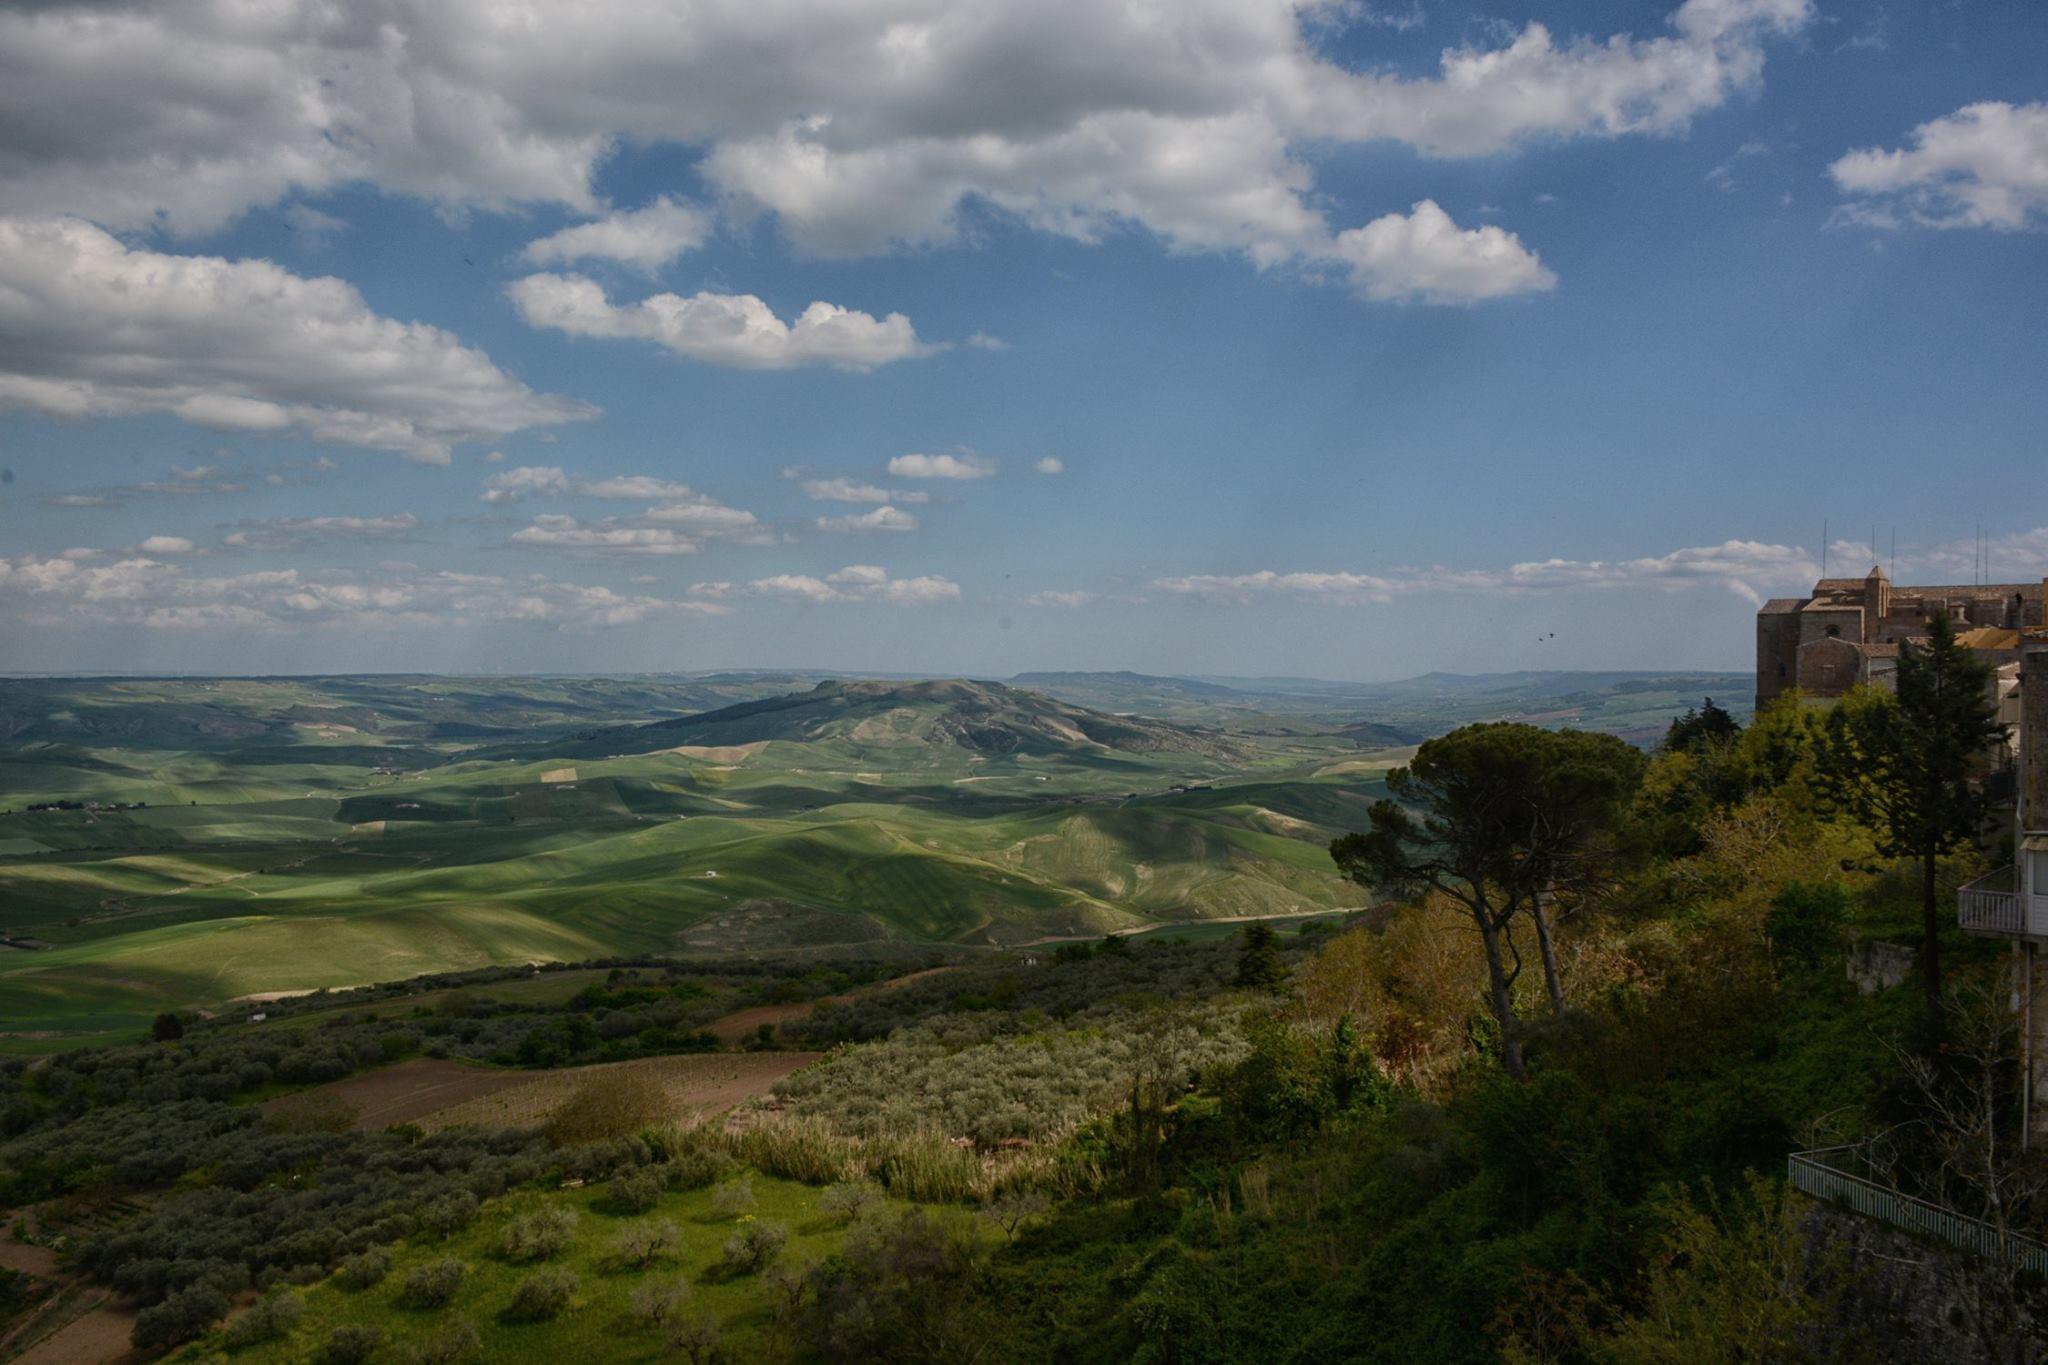 Alla scoperta dei territori tra Puglia e LucaniaLaVerdeVia